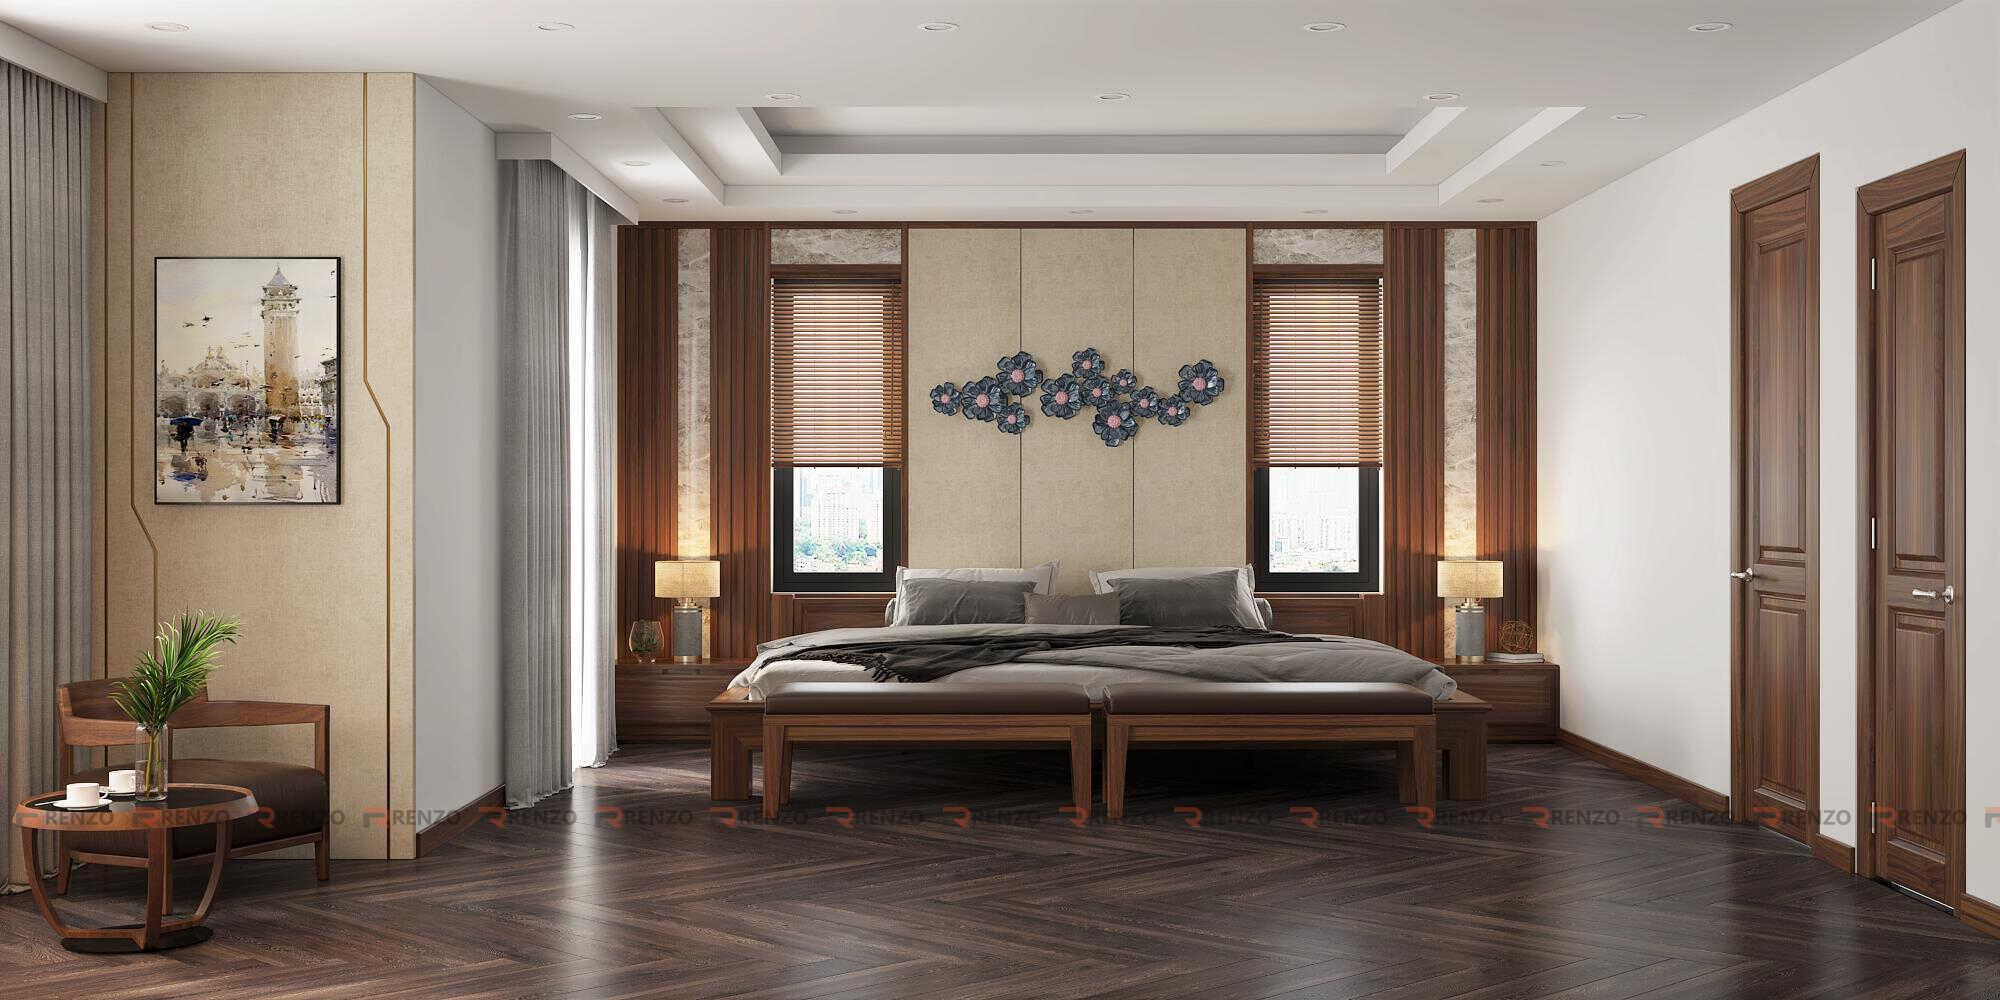 Đơn vị thiết kế nội thất uy tín tại Hưng Yên